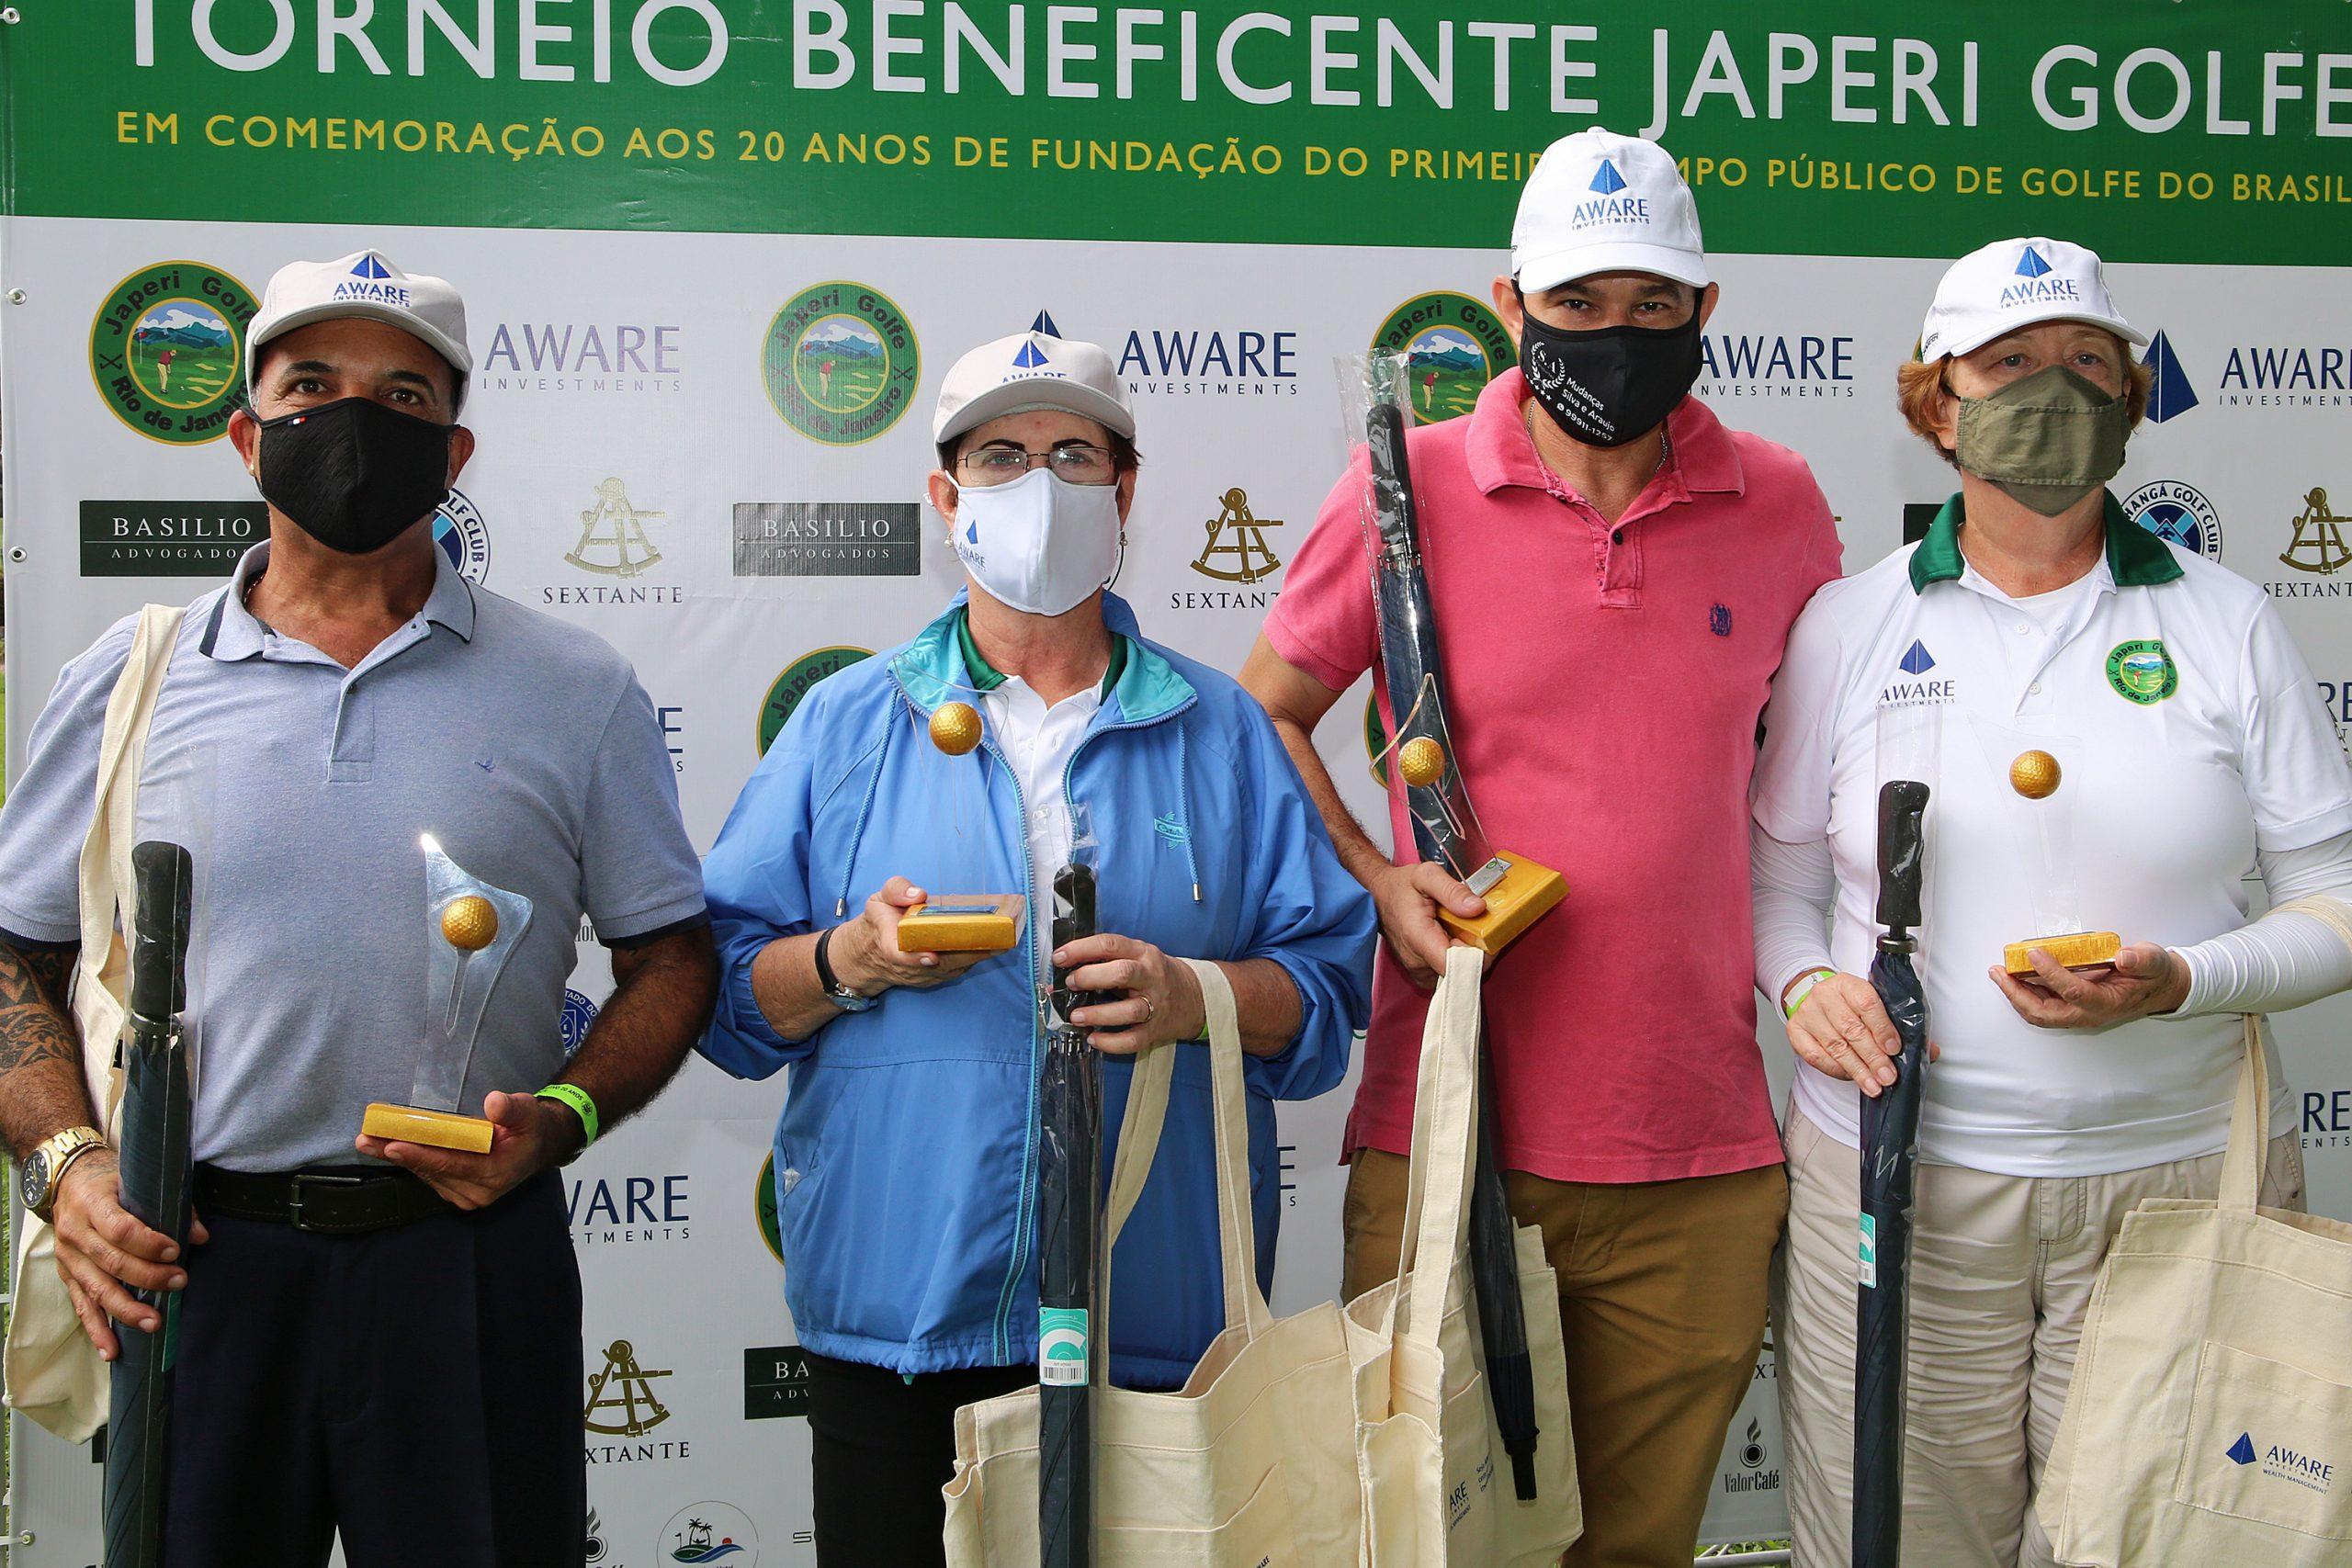 Japeri Golfe comemora 20 anos com Torneio Beneficente